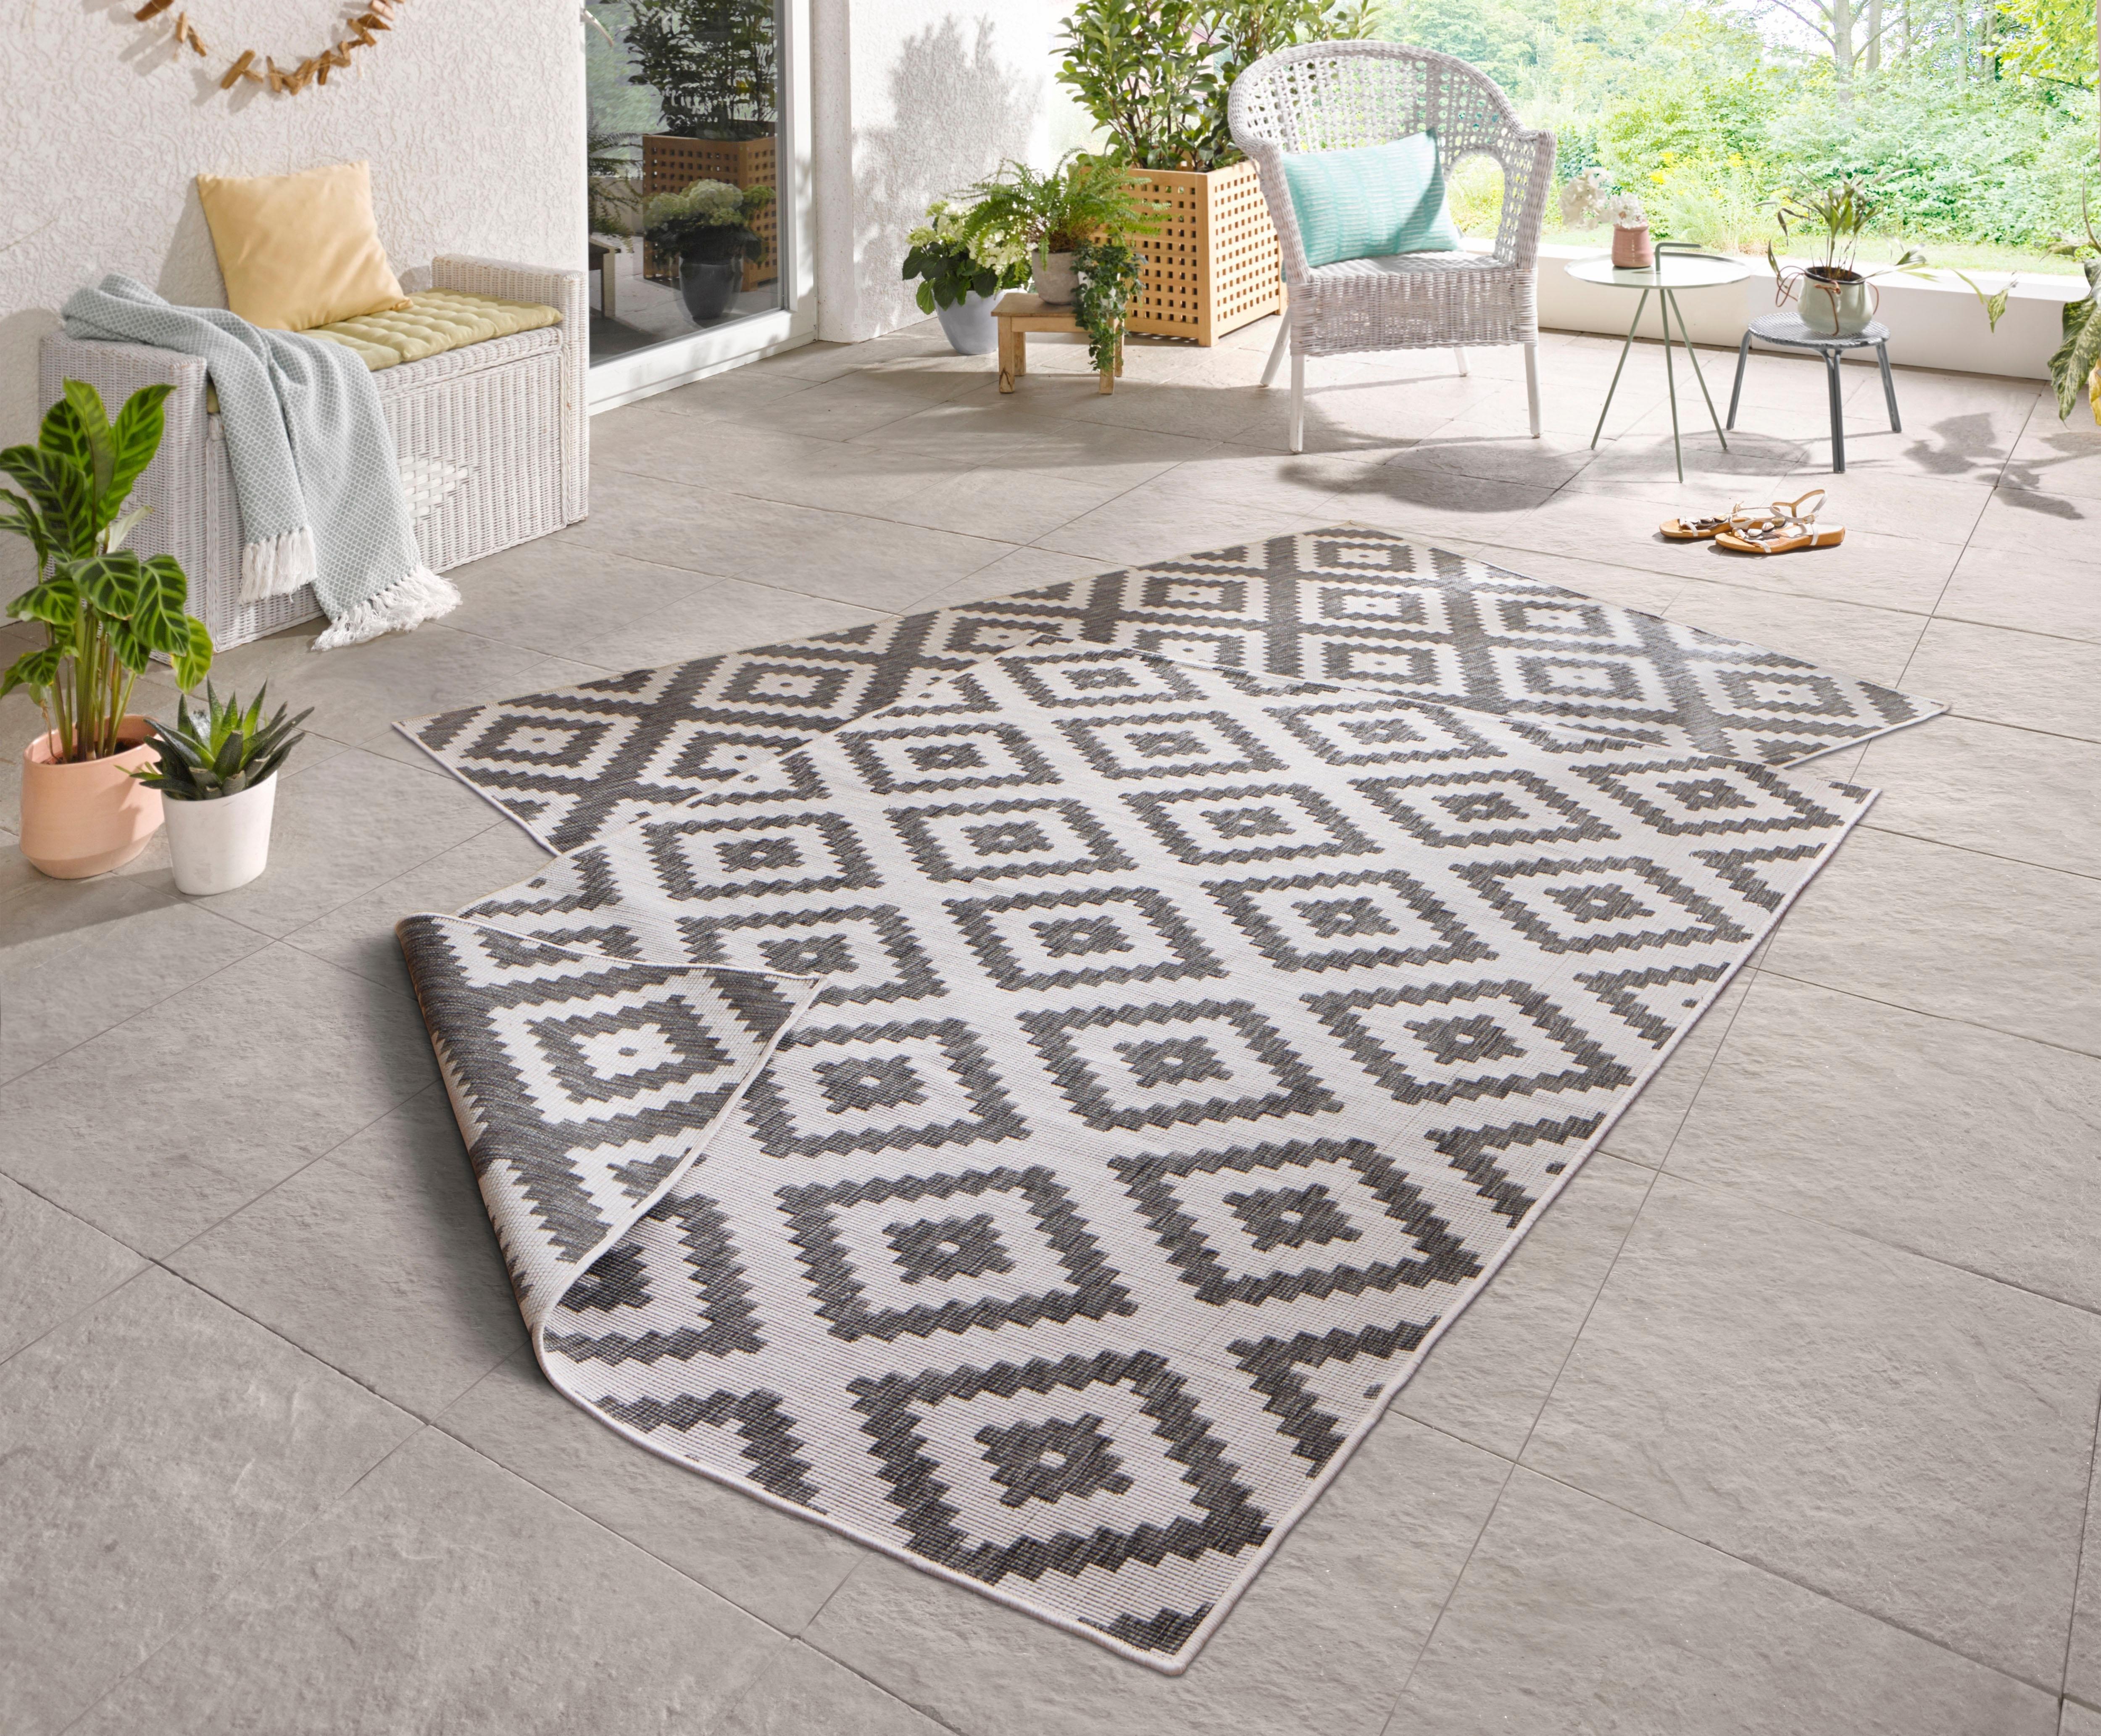 Tapijt Reinigen Apeldoorn : Vloerkleed schoonmaken. awesome mijn tapijt reinigen met vanish